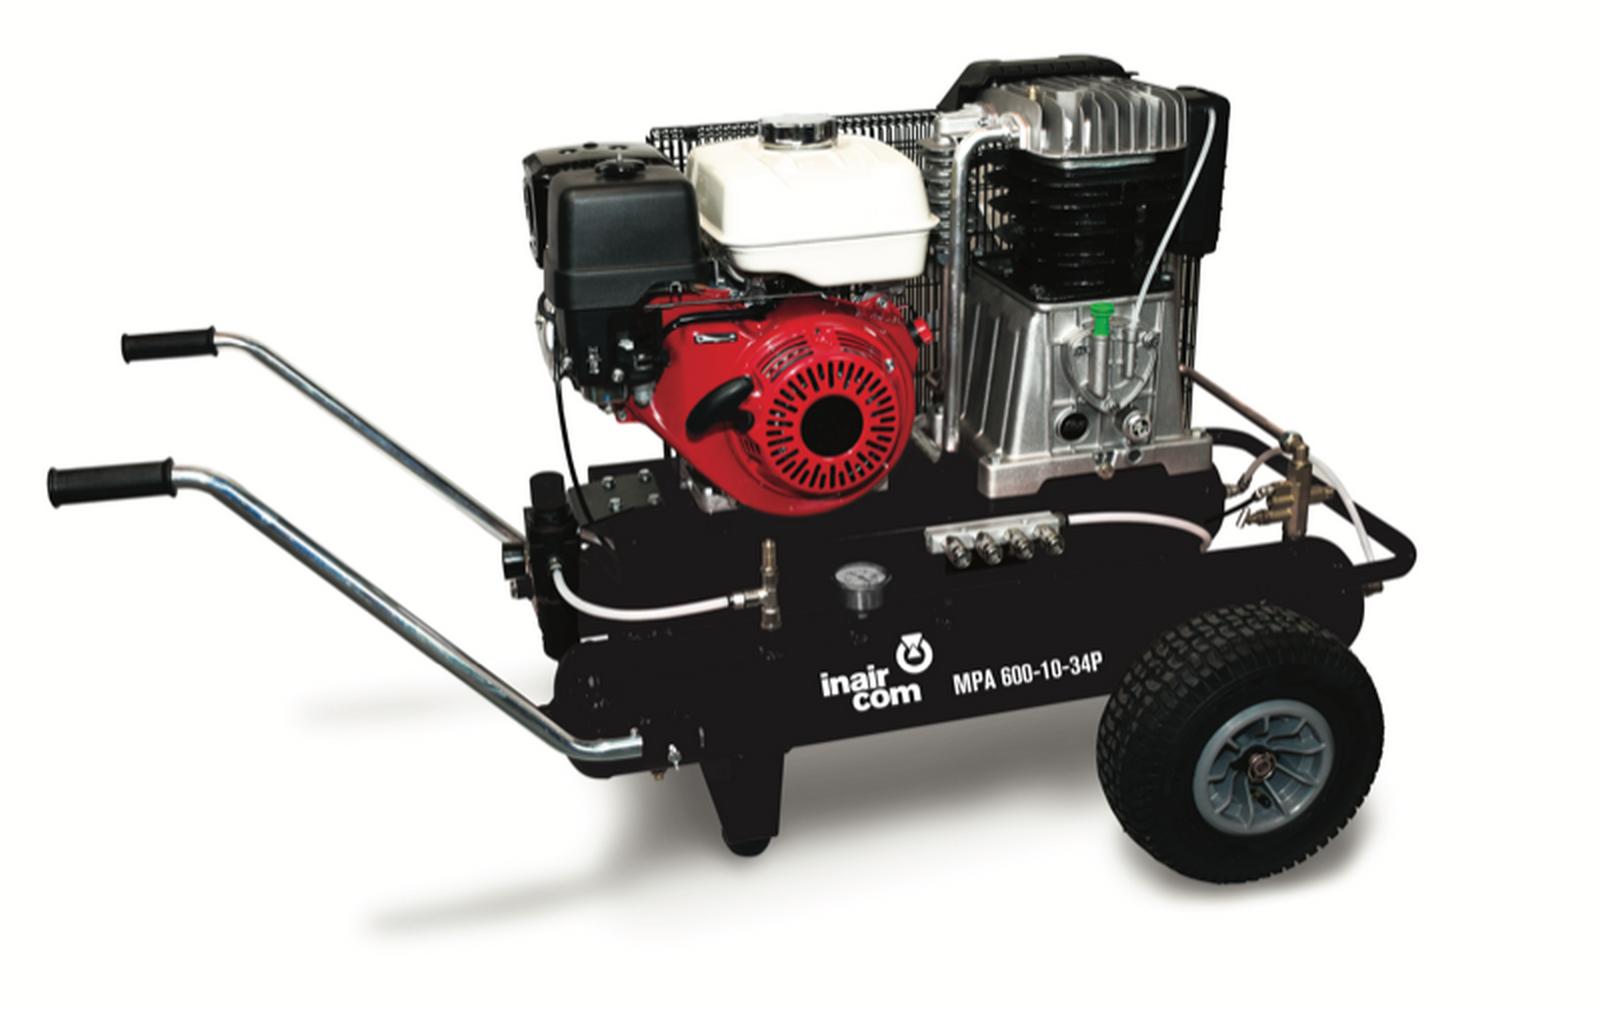 MPA 600-10-34P - Pojízdný pístový benzinový kompresor Mobil Petrol Air